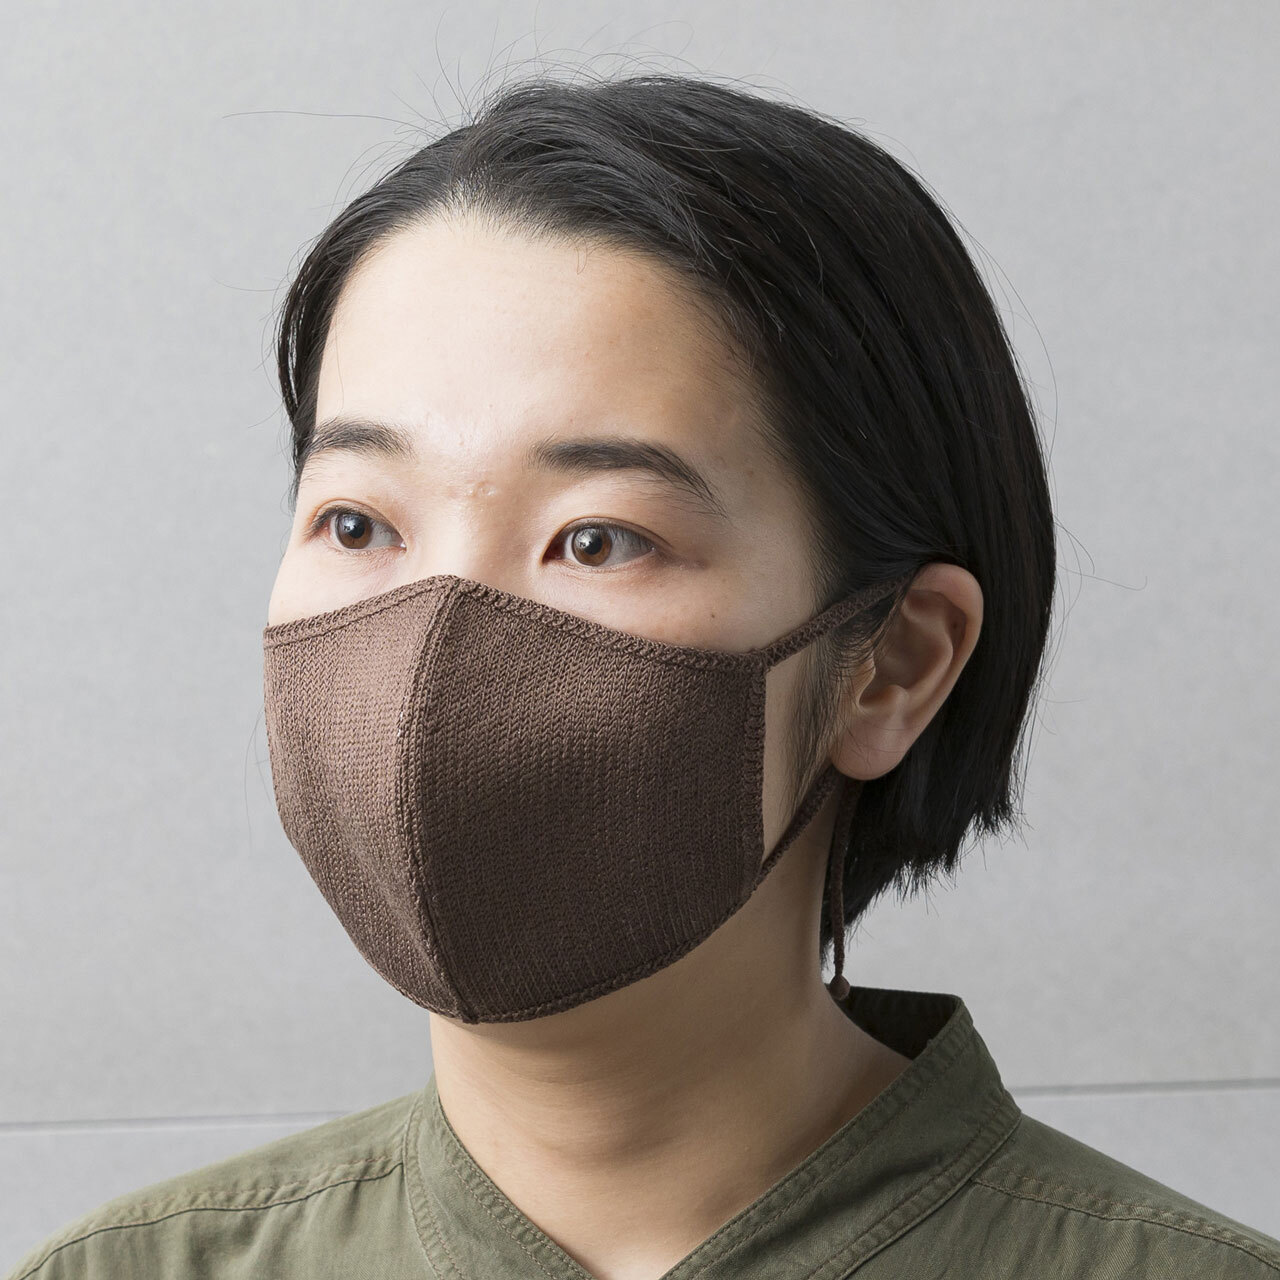 シルク・フェイス・マスク